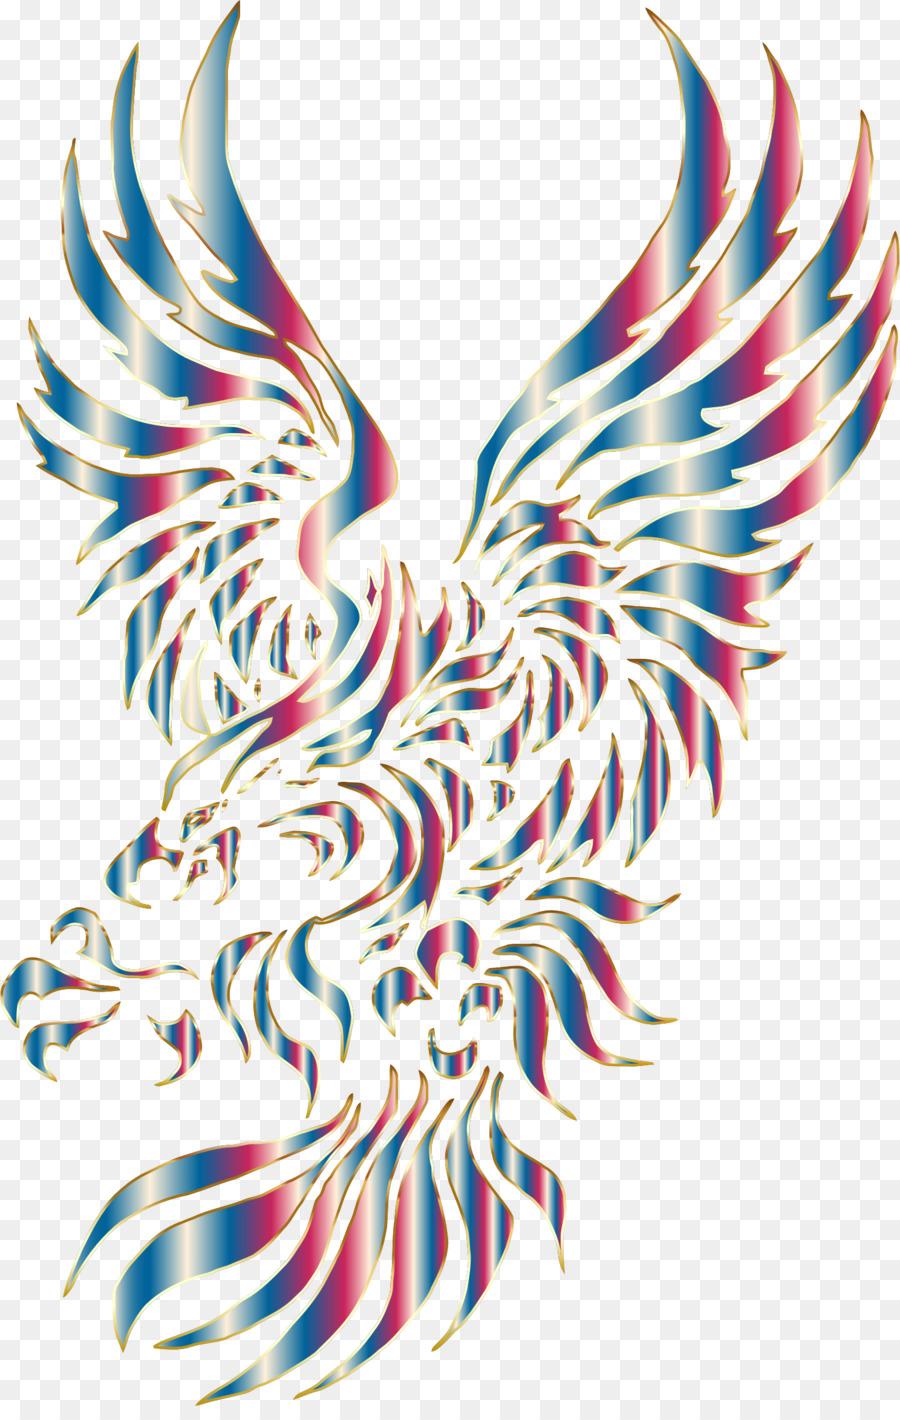 Desktop Wallpaper, Tattoo, Art, Neck, Wing PNG